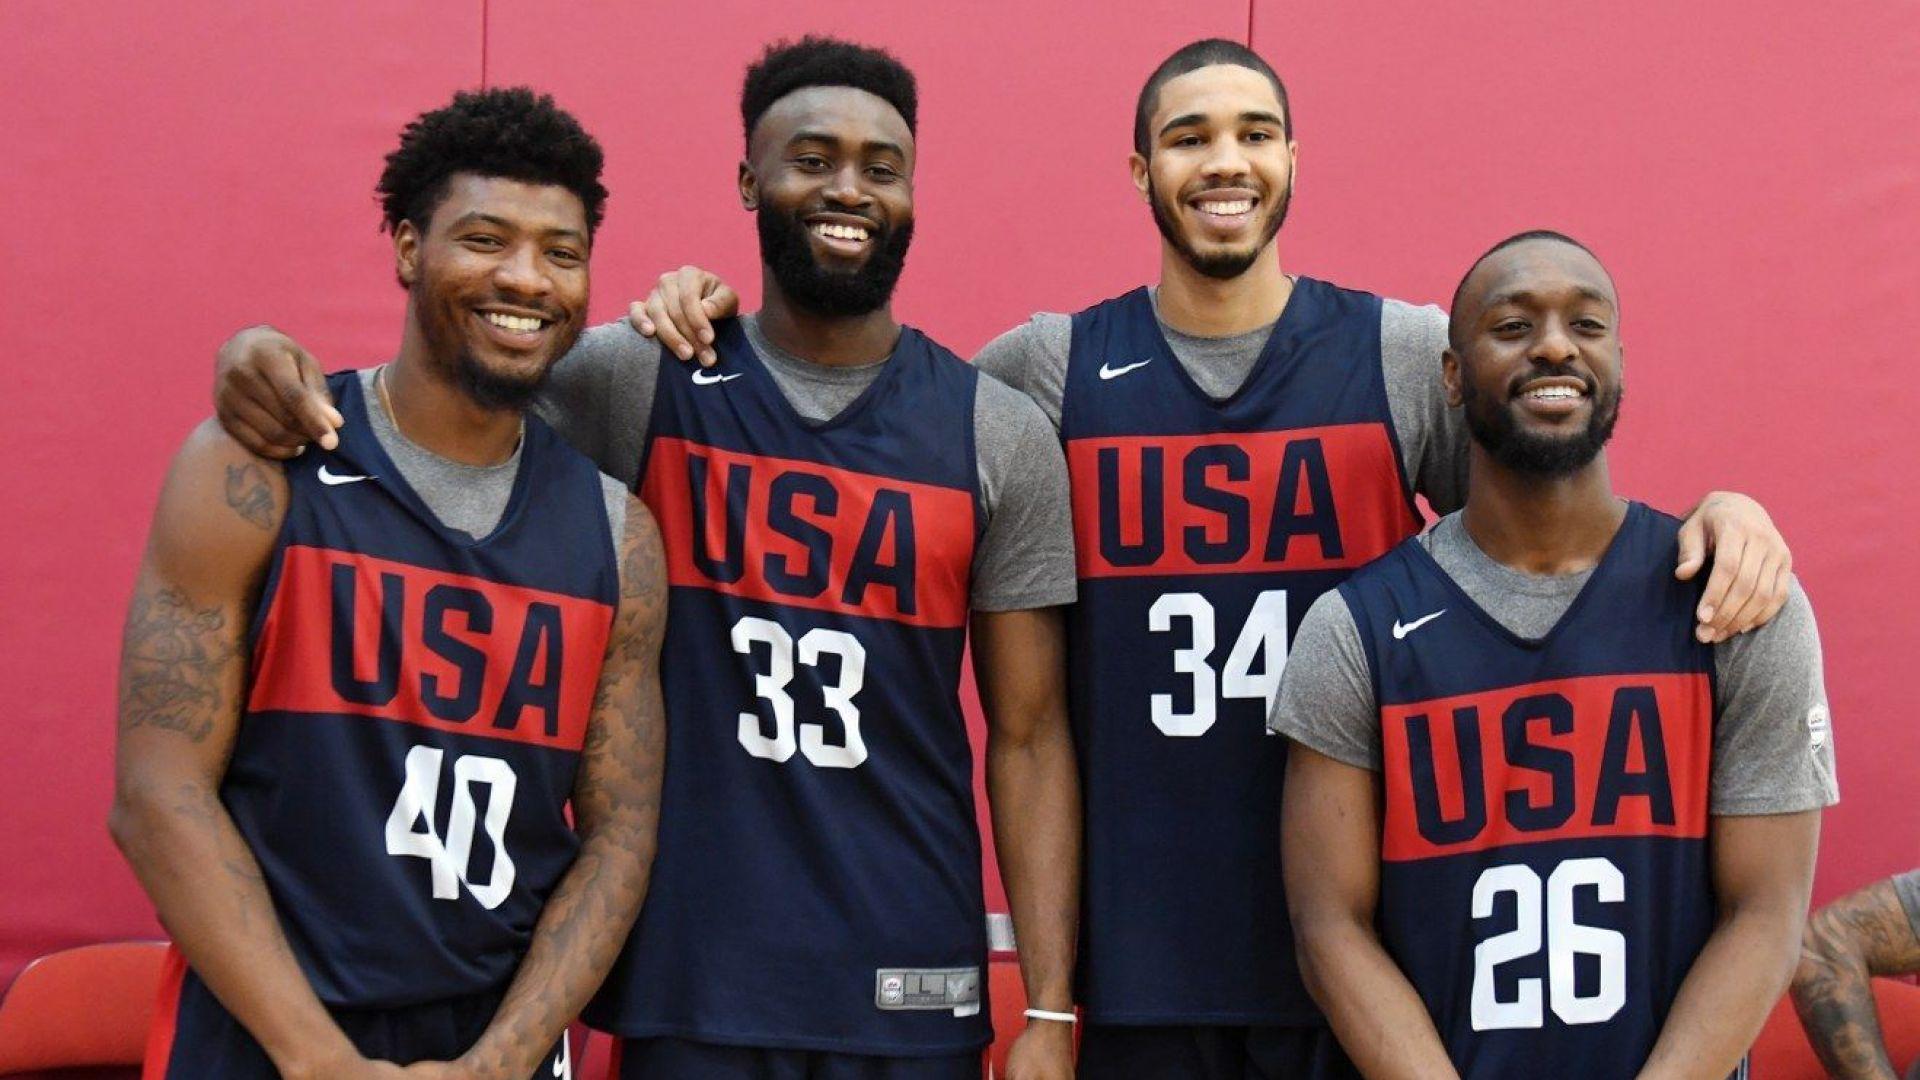 Ще има ли Дриймтим 4? С кои звезди САЩ ще атакува 16-о олимпийско злато?